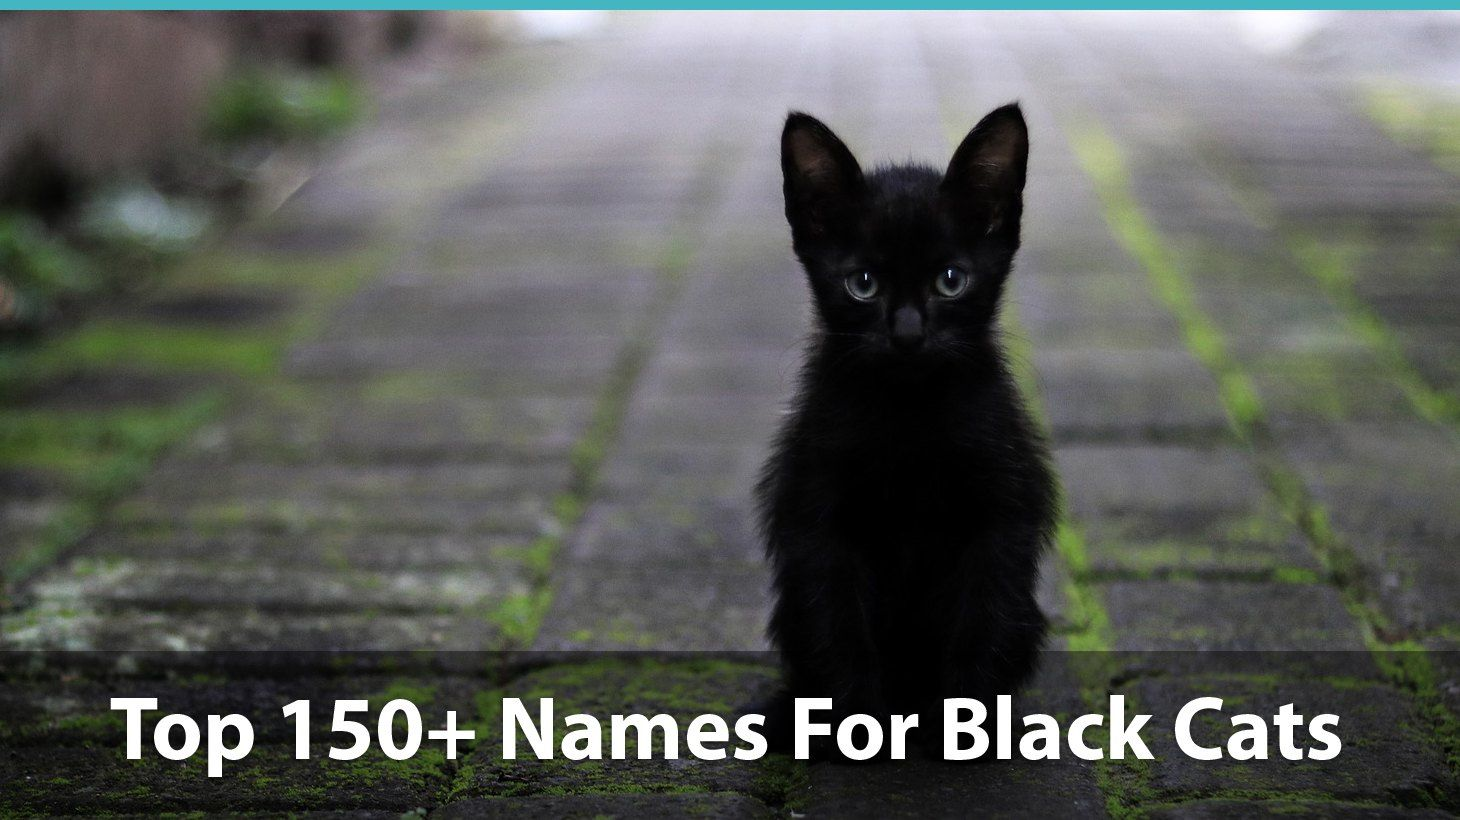 Top 150+ Names For Black Cats Funny, Unique, PopCulture